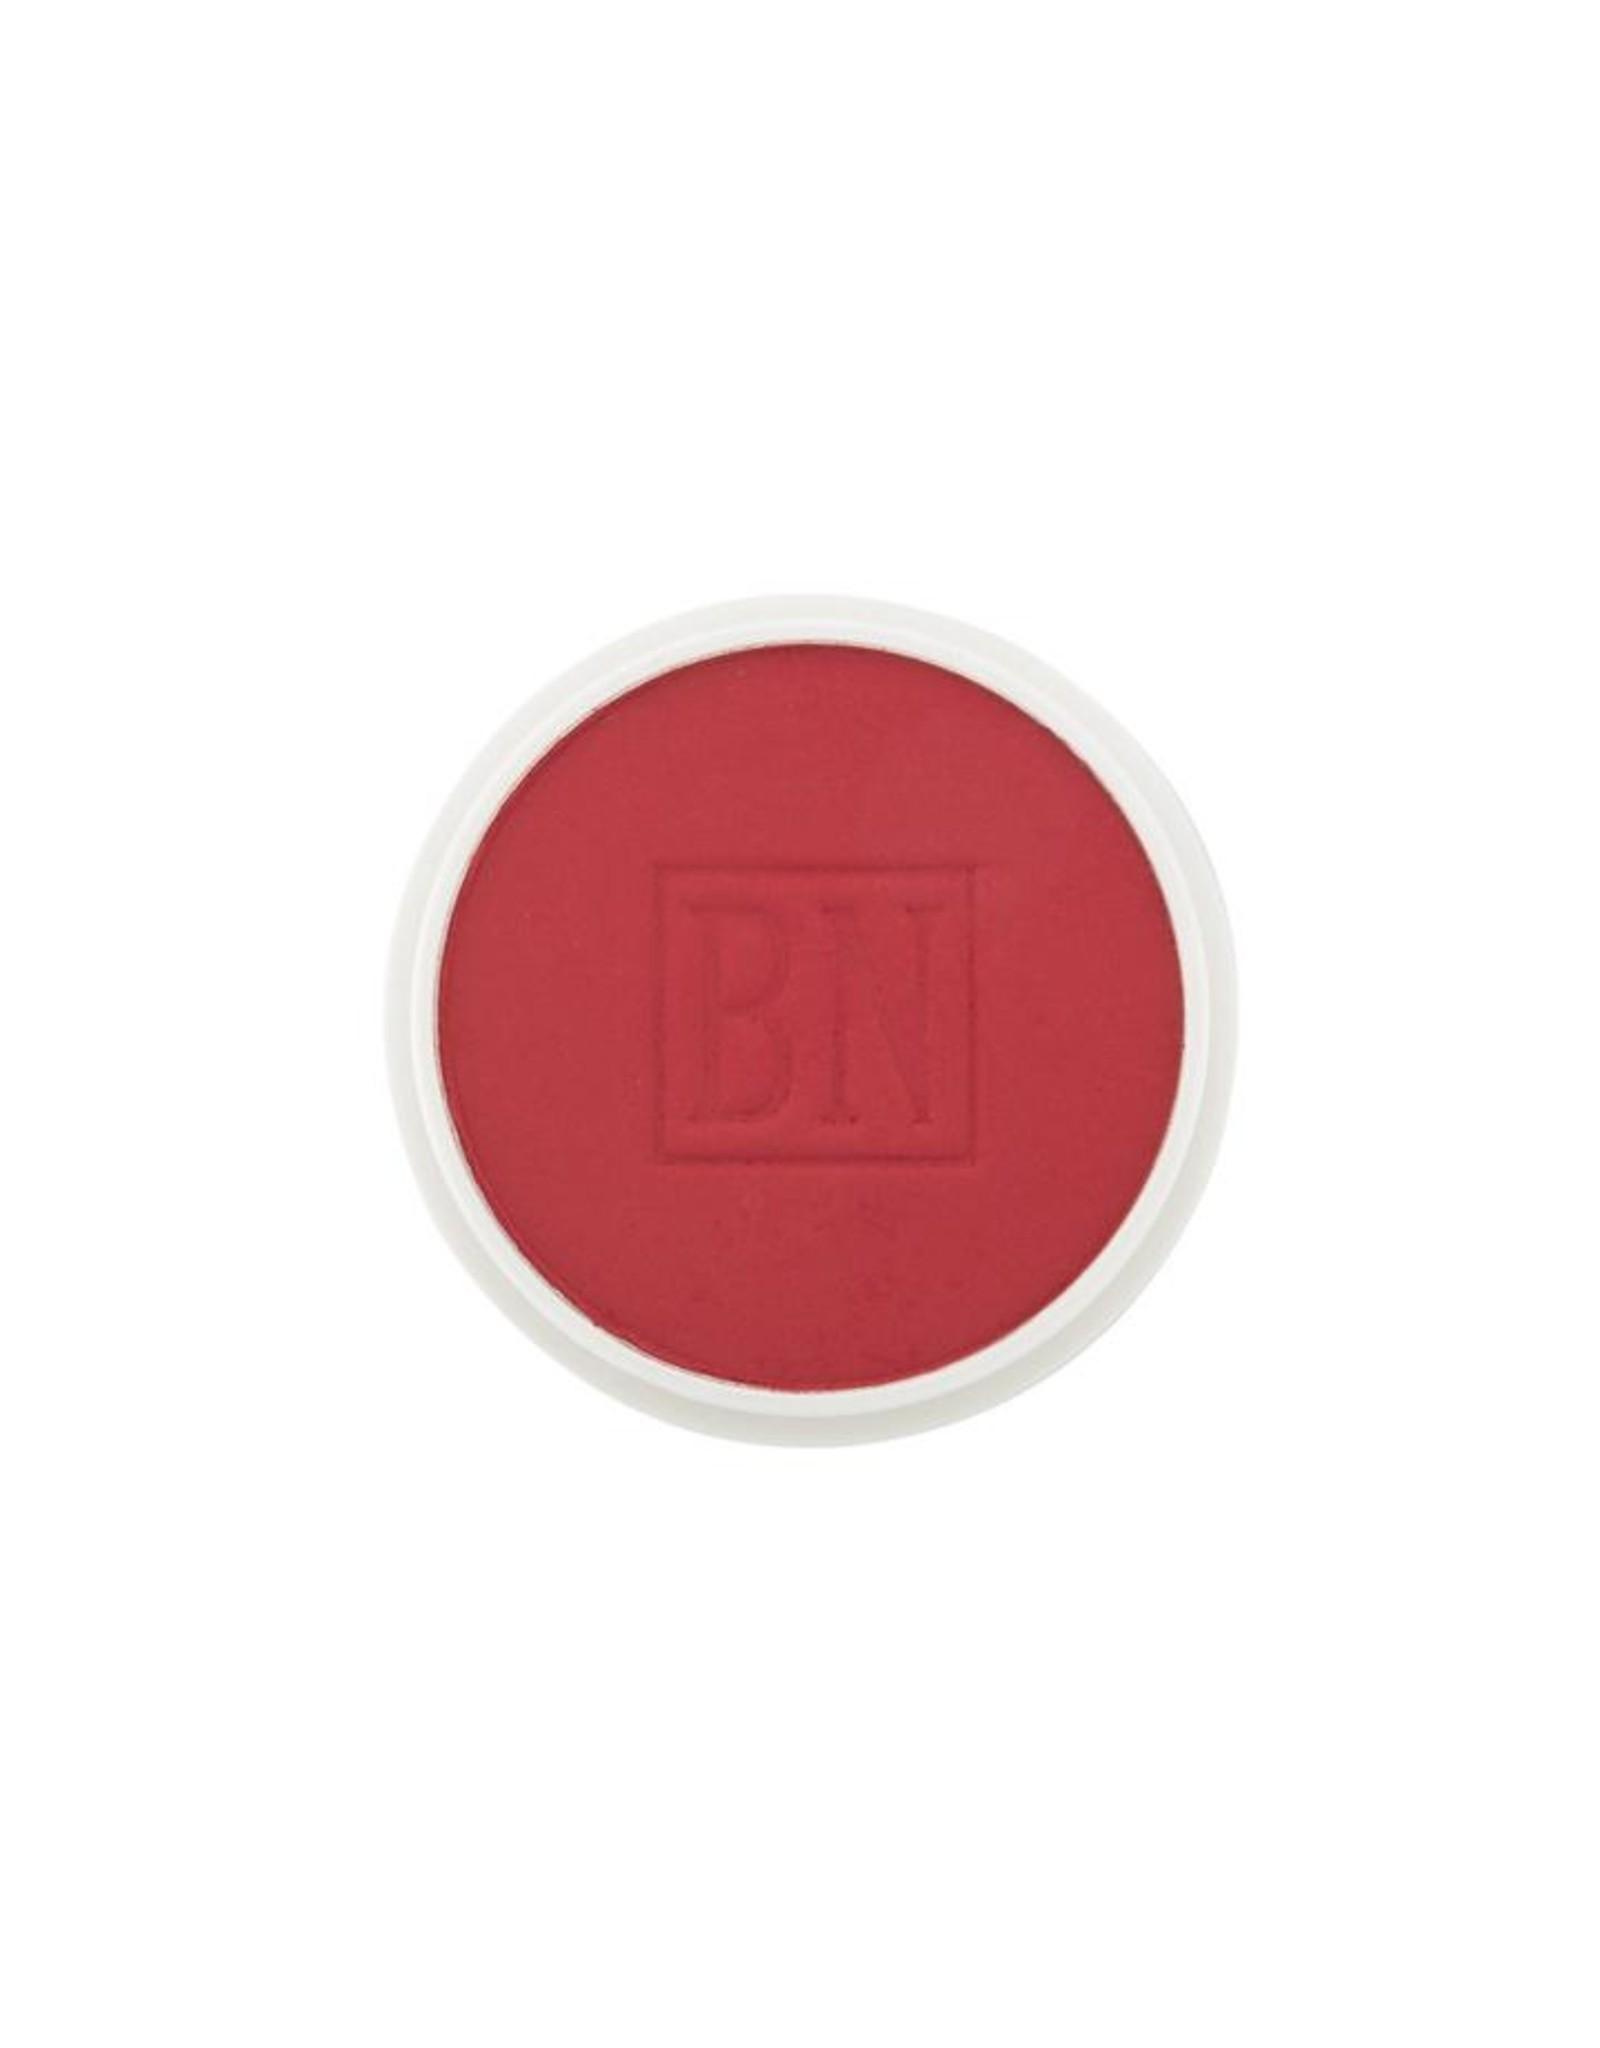 Ben Nye Magicake Bright Red